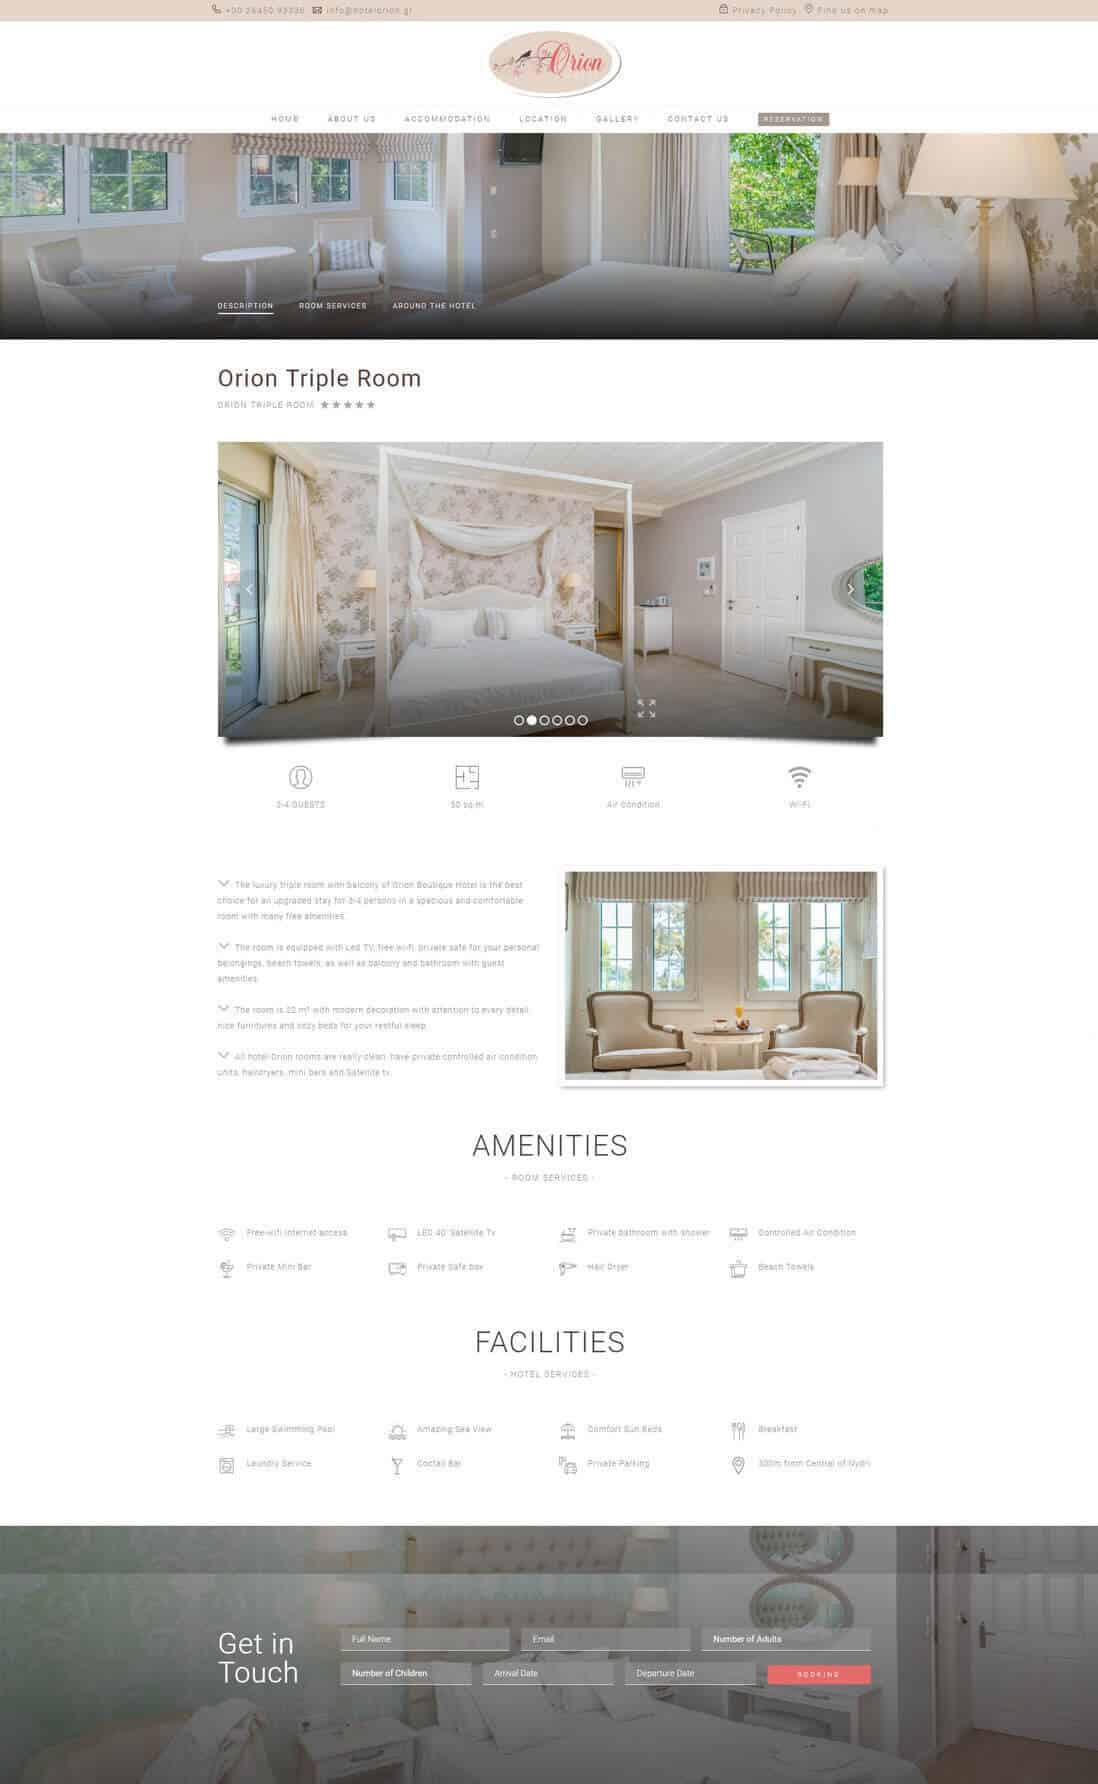 κατασκευή ιστοσελίδας για boutique hotel στο Νυδρί Λευκάδας